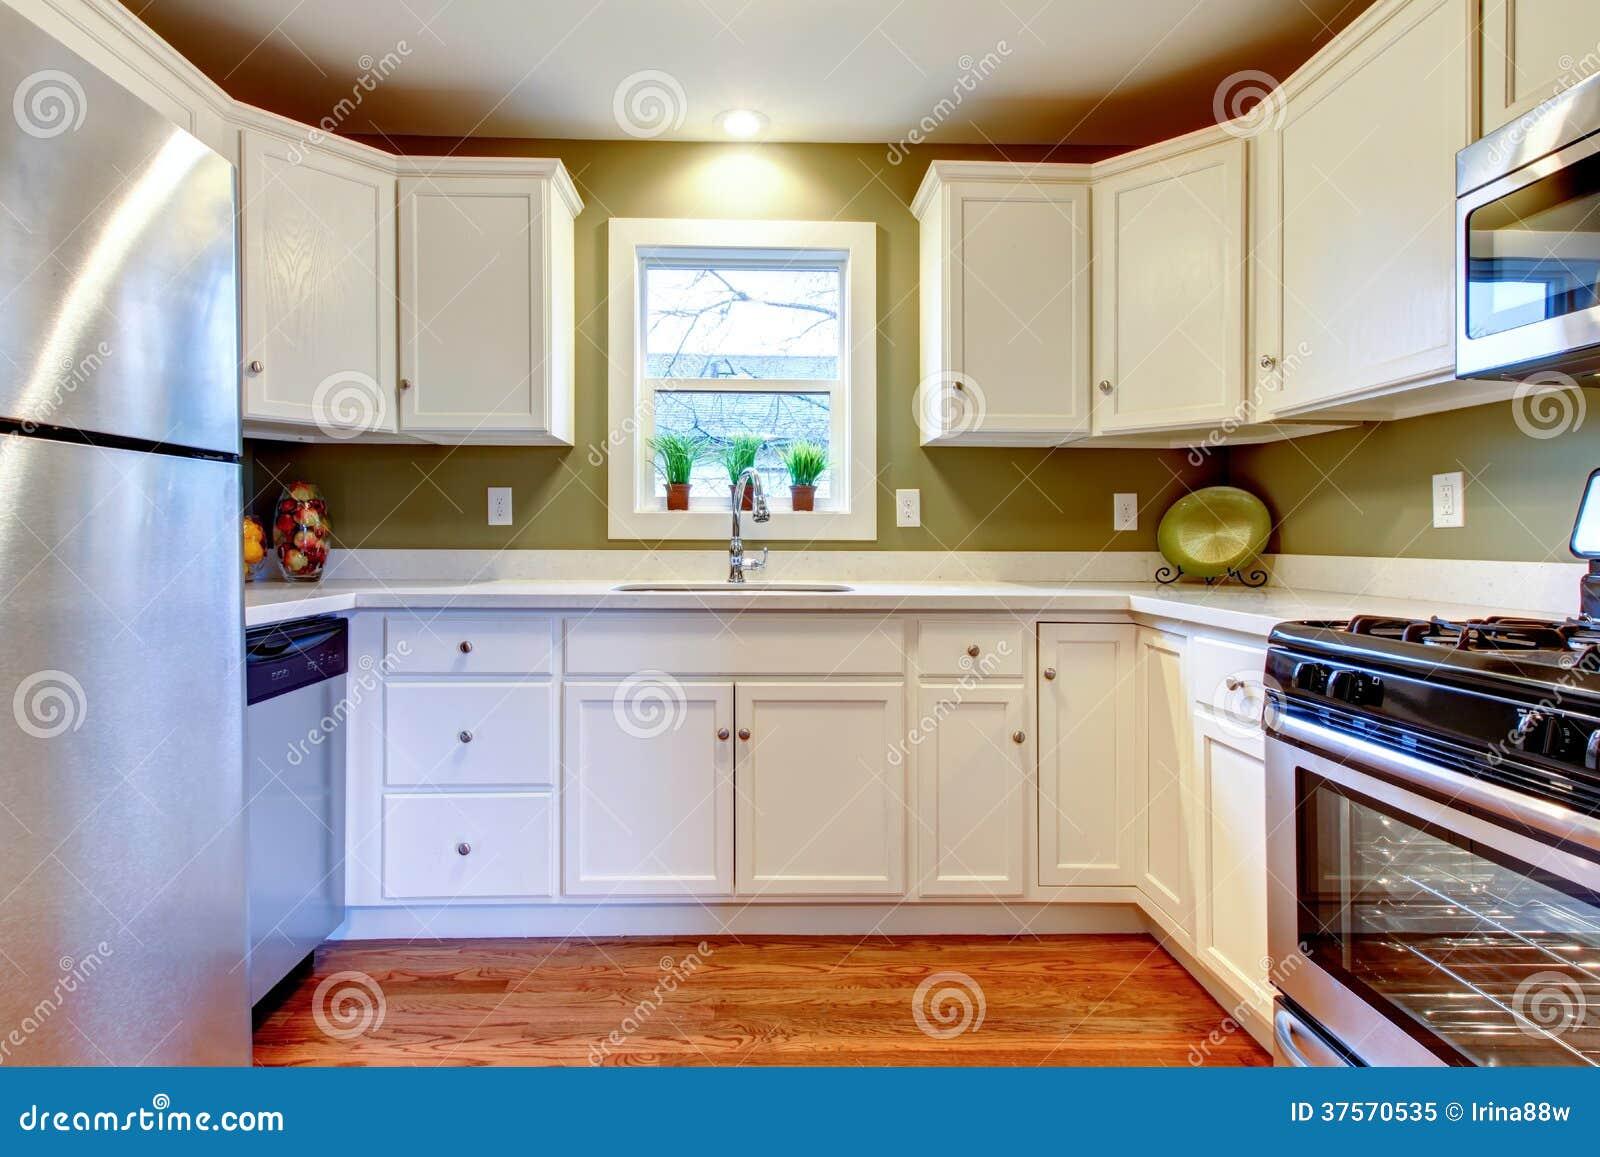 Pareti Della Cucina Verdi : Stanza luminosa bianca e verde oliva della cucina immagine stock